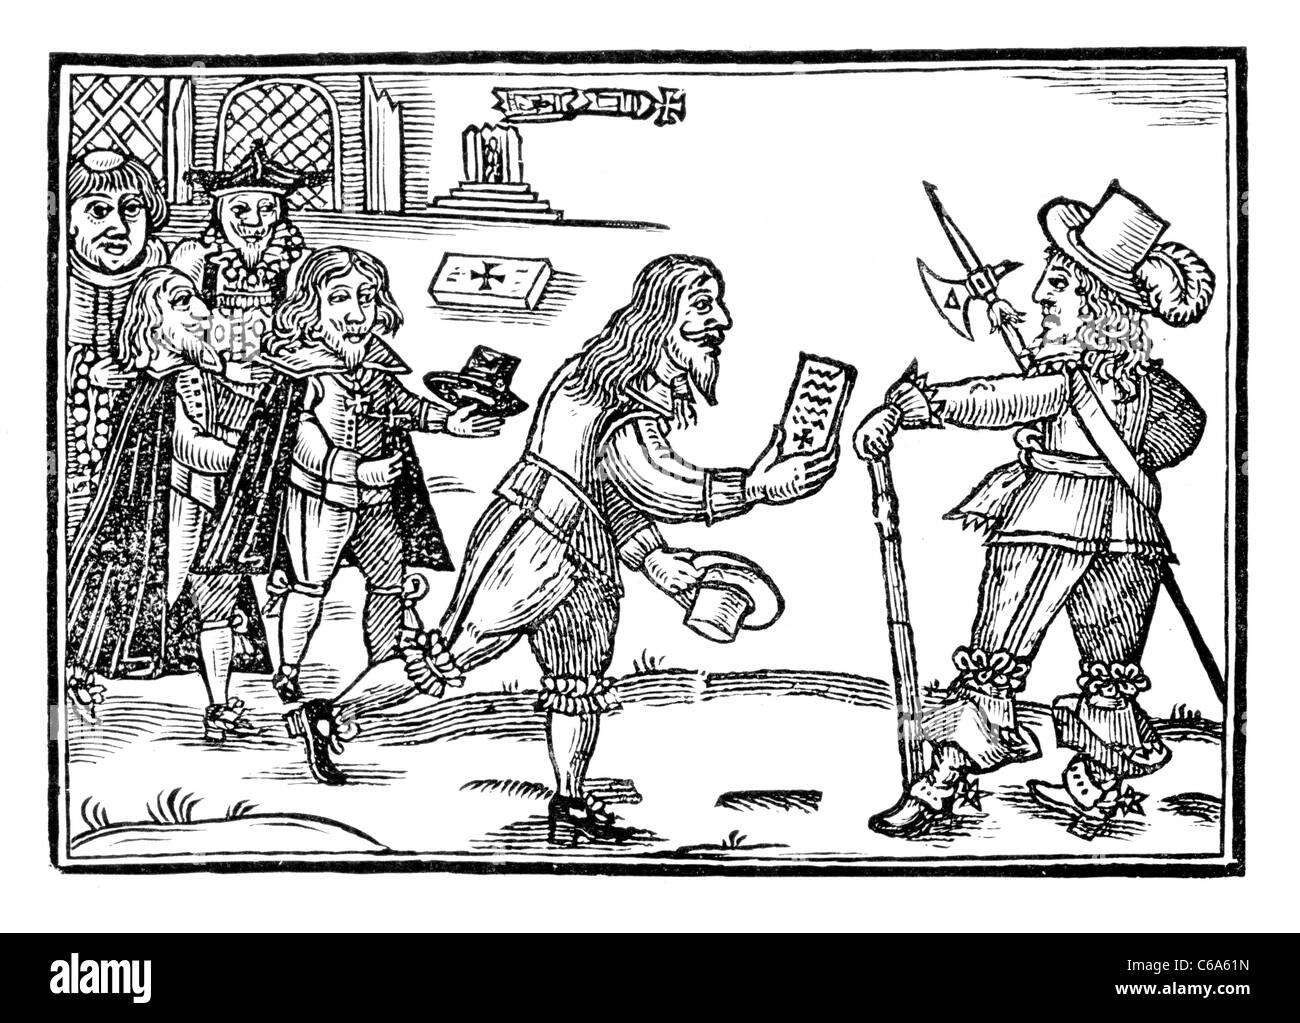 L'humble pétition de Jock de Braid Écosse; parcelle de 1648; noir et blanc Illustration Photo Stock